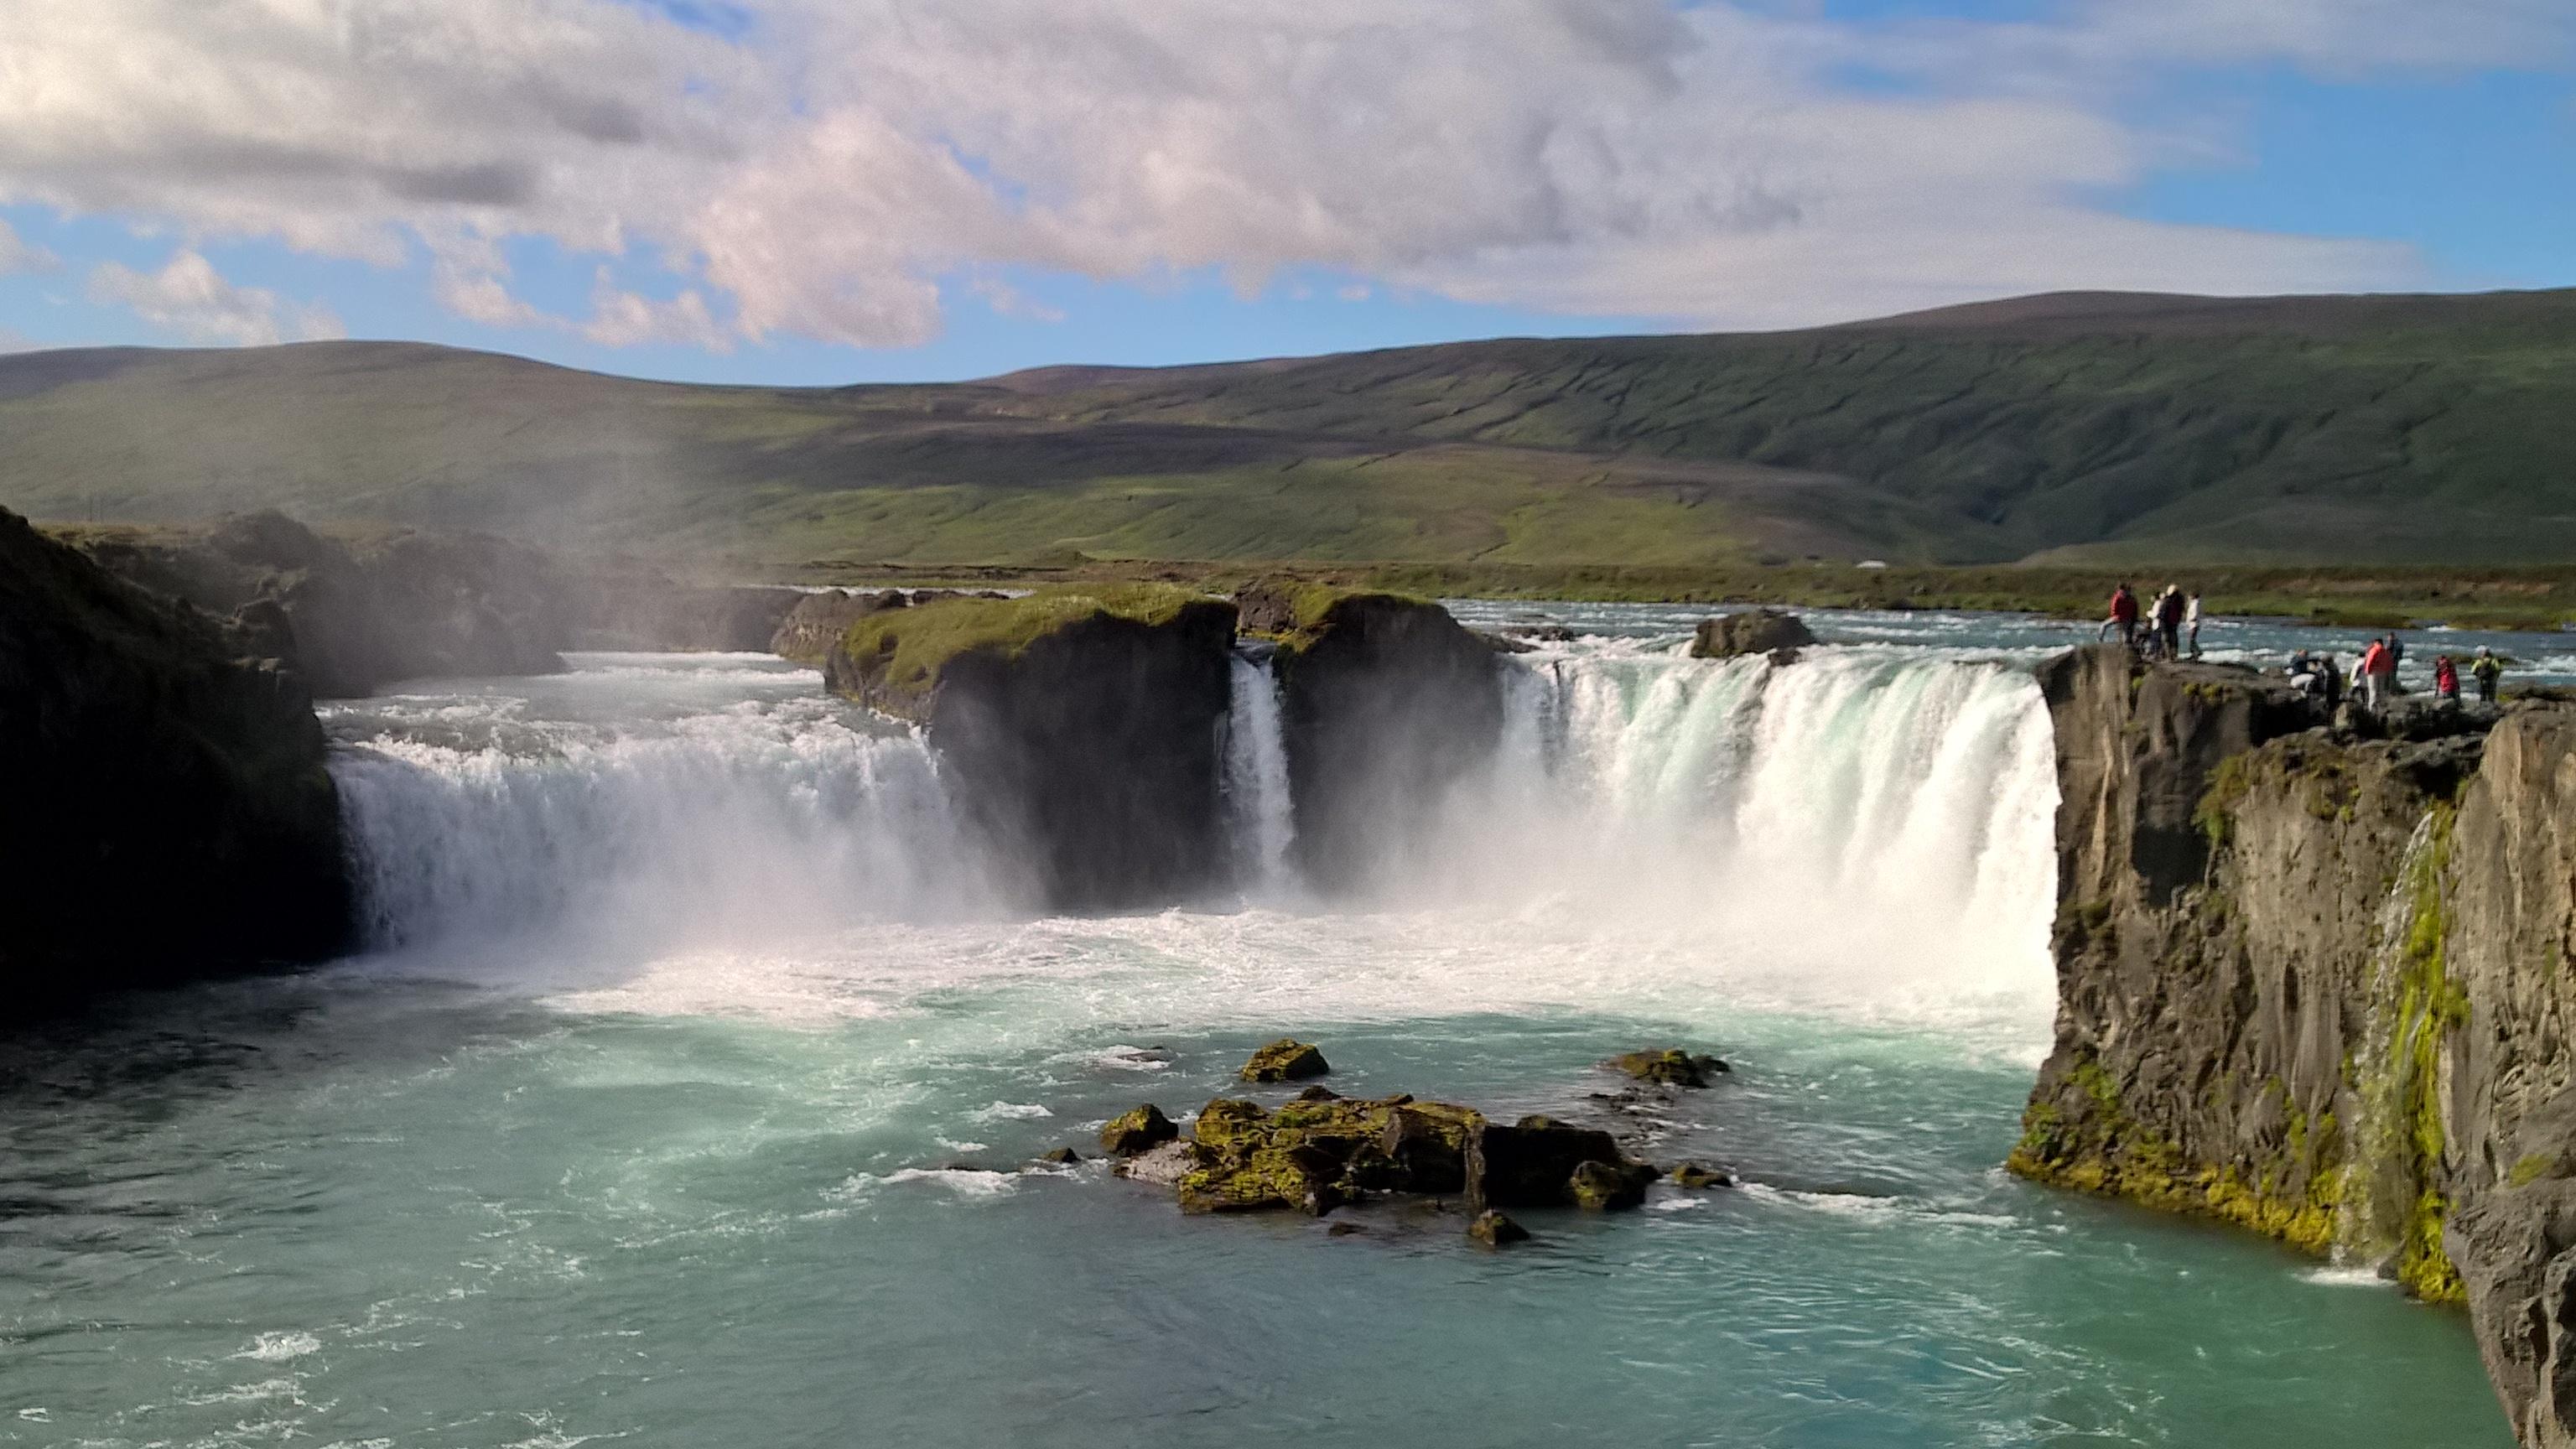 アイスランドで最も美しい滝の一つ、ゴーザフォスの滝は北アイスランドにある